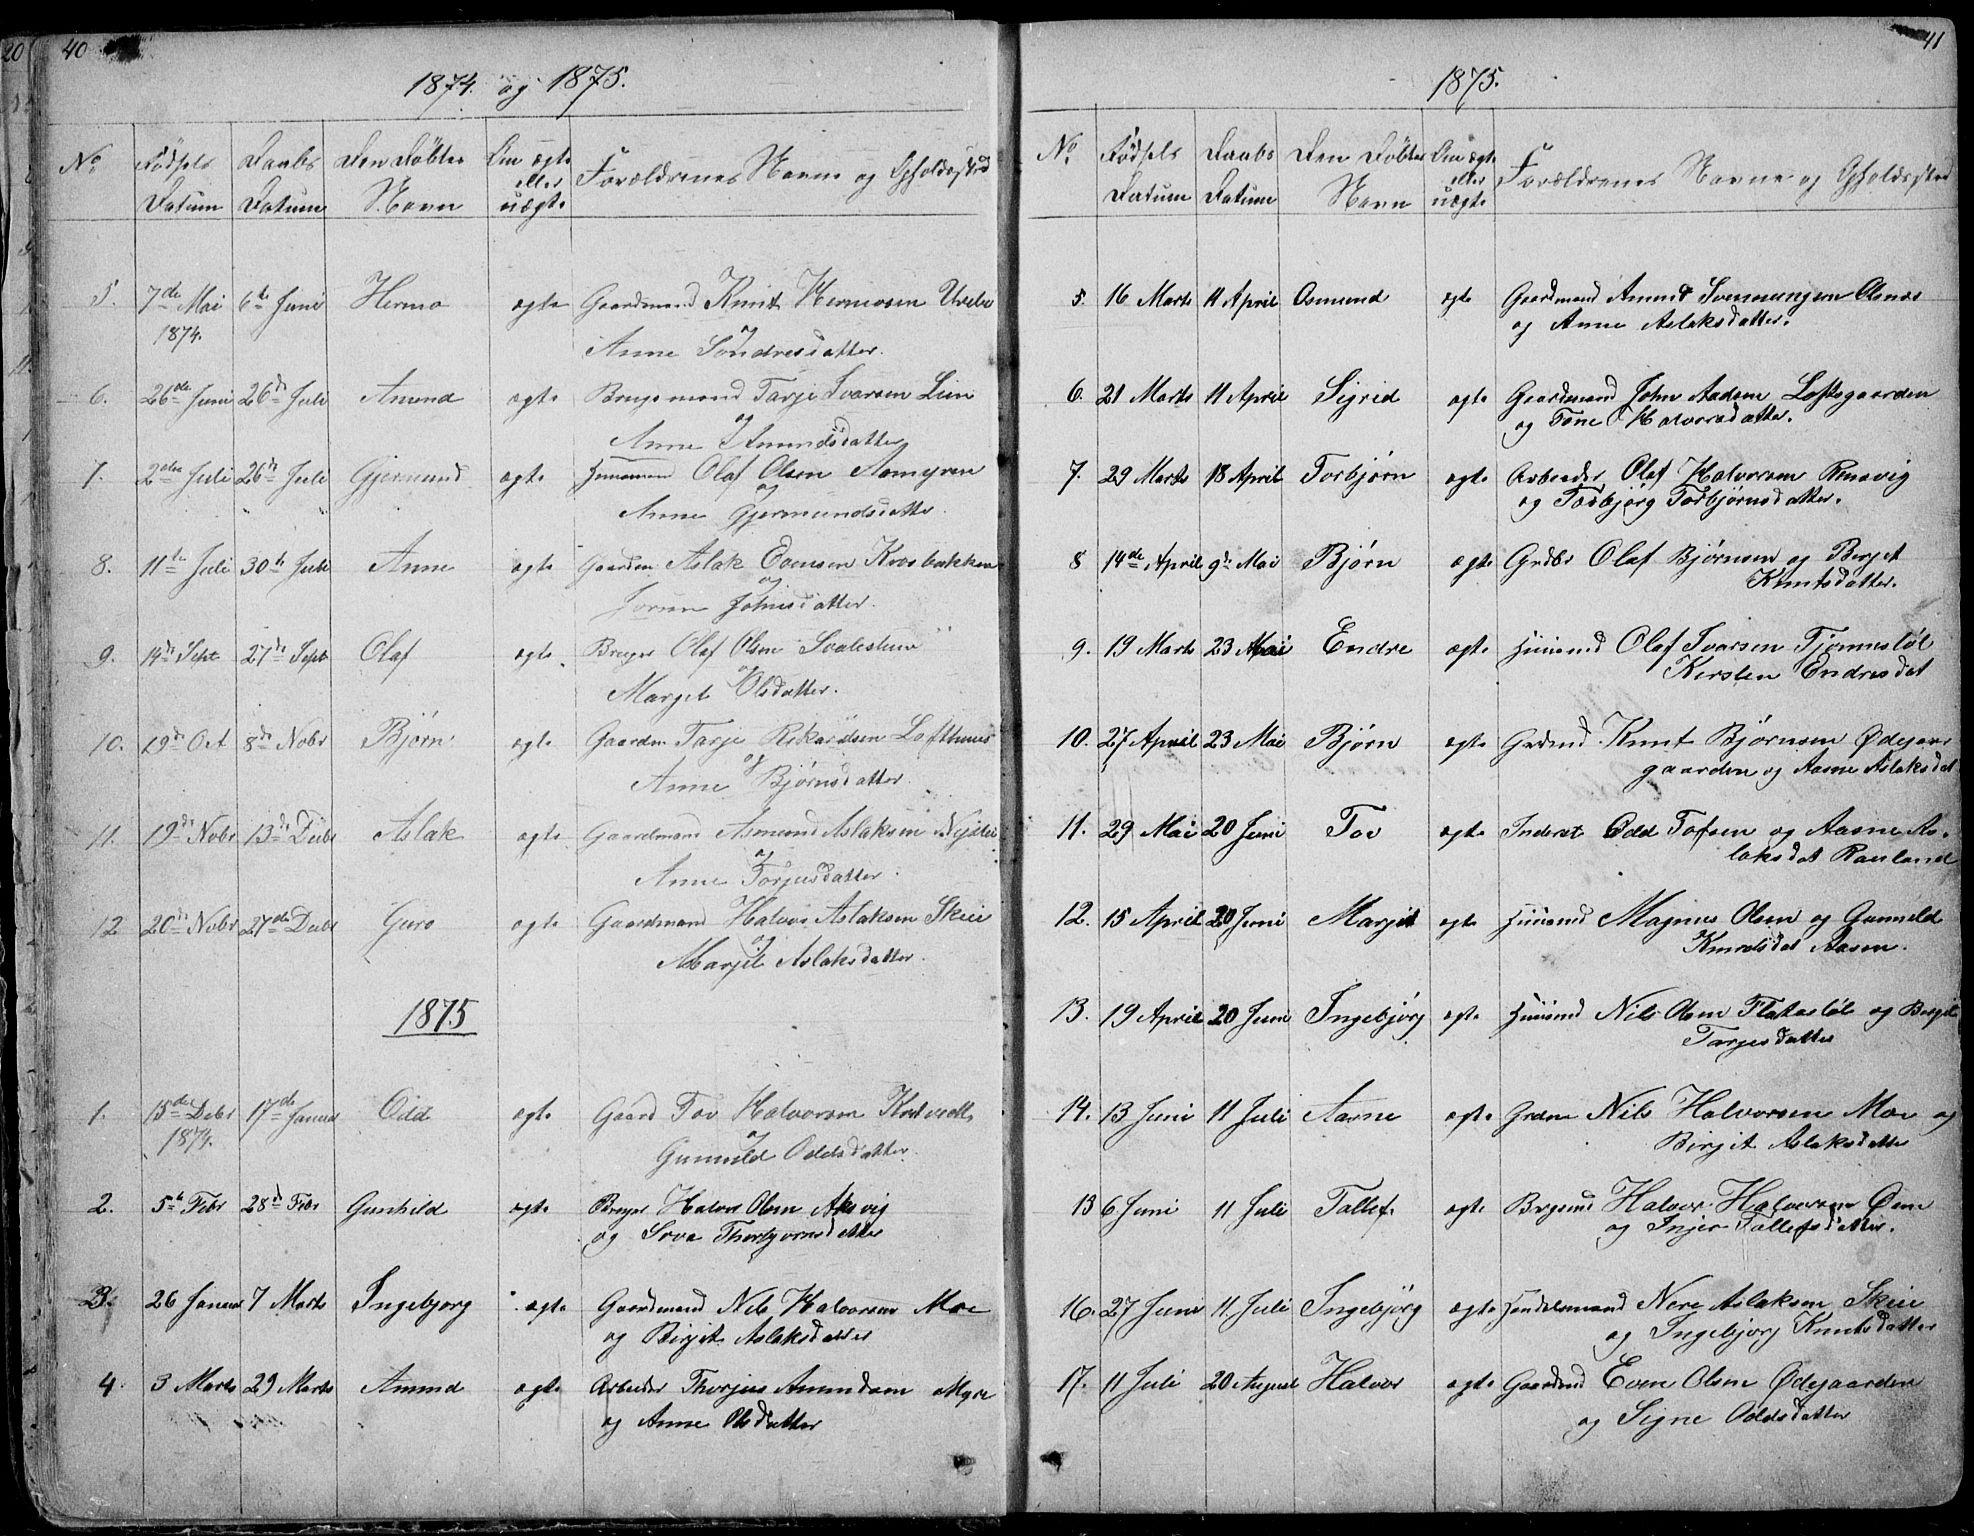 SAKO, Rauland kirkebøker, G/Ga/L0002: Klokkerbok nr. I 2, 1849-1935, s. 40-41